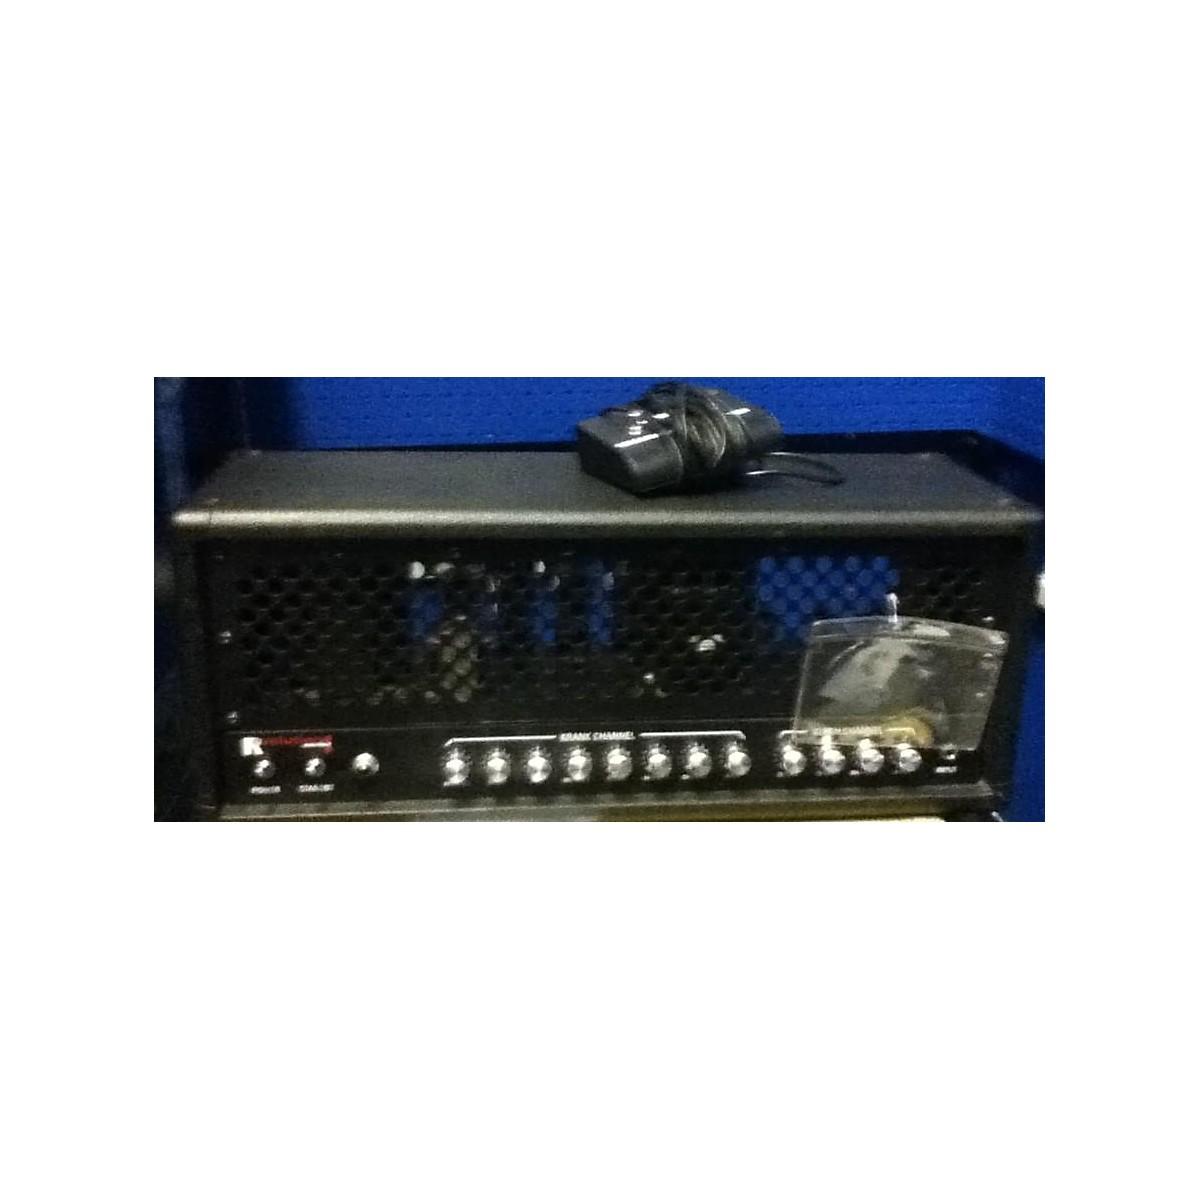 Krank Revolution 1 Tube Guitar Amp Head